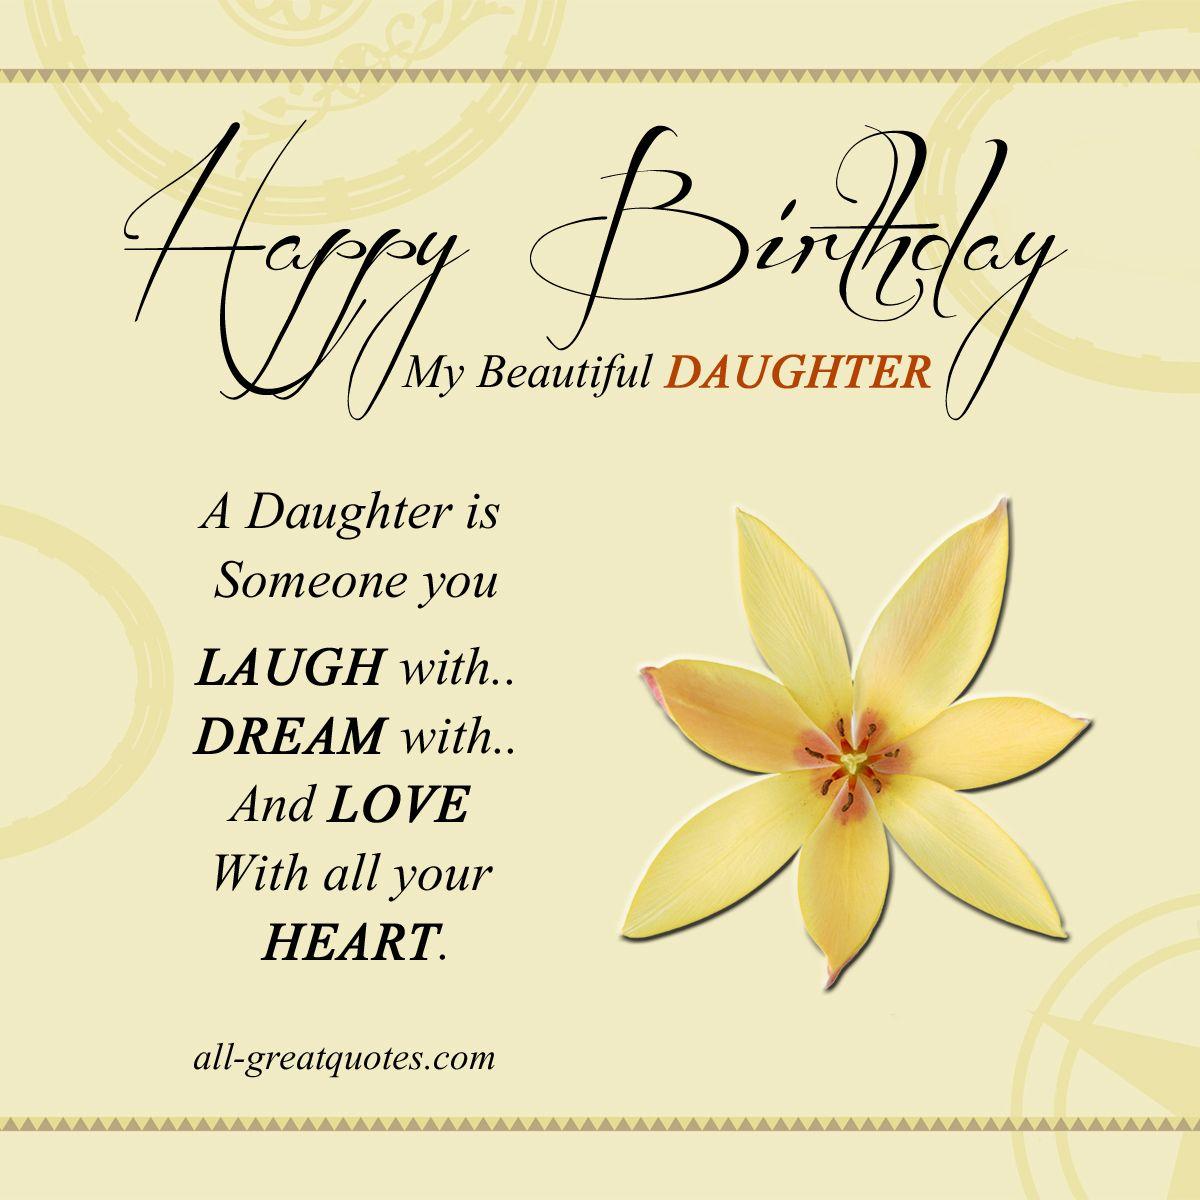 Happy Birthday To My Beautiful Daughter Birthday wishes